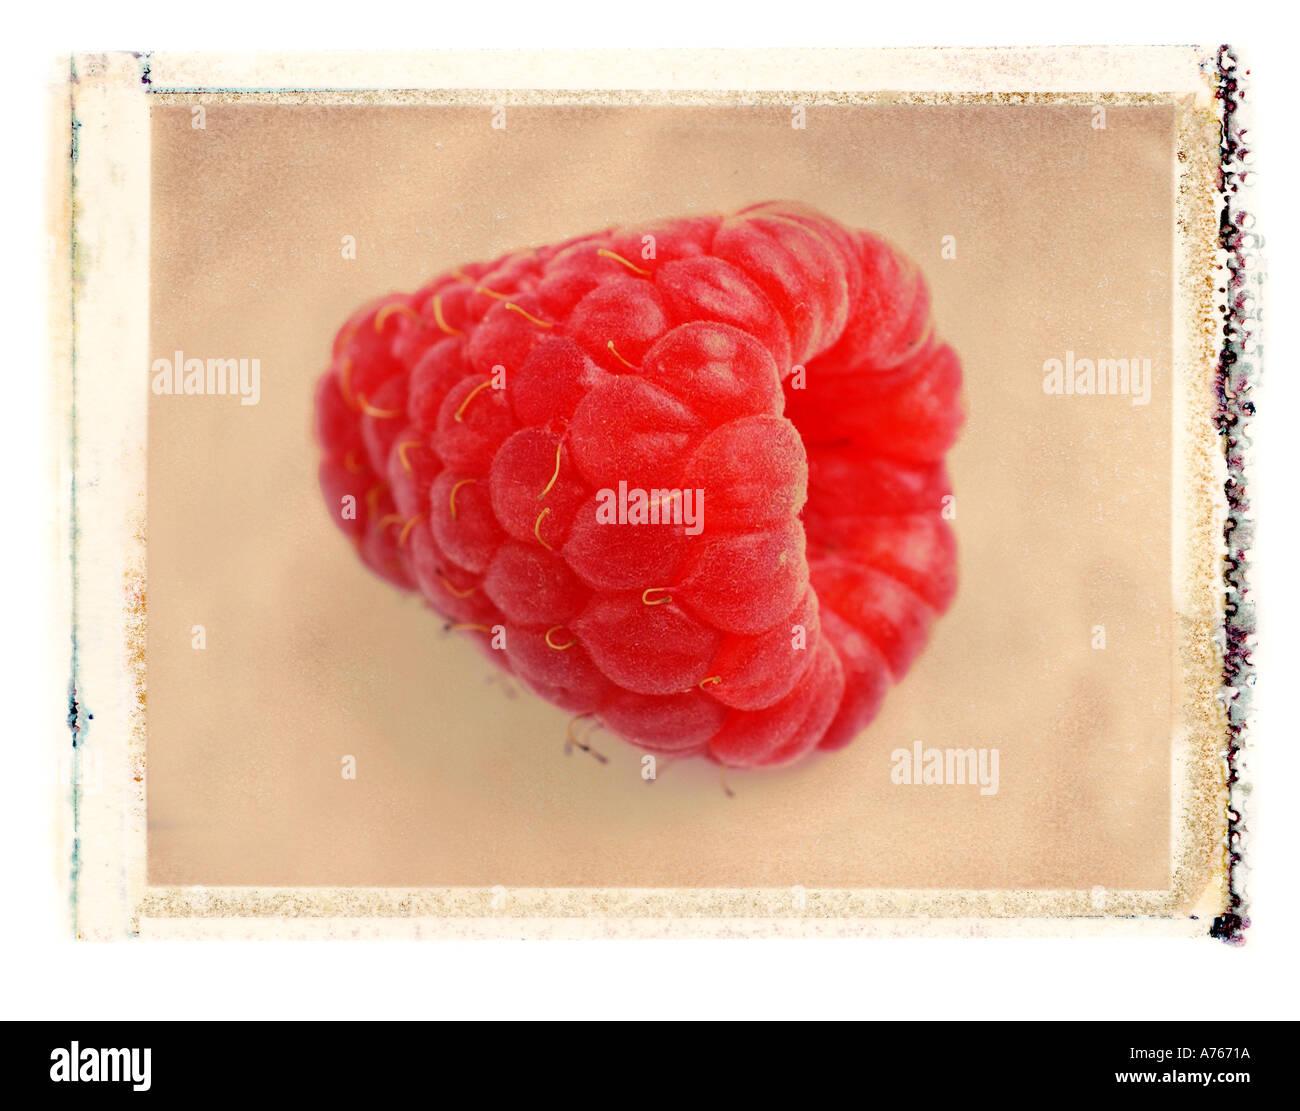 Rote Himbeere Stockbild